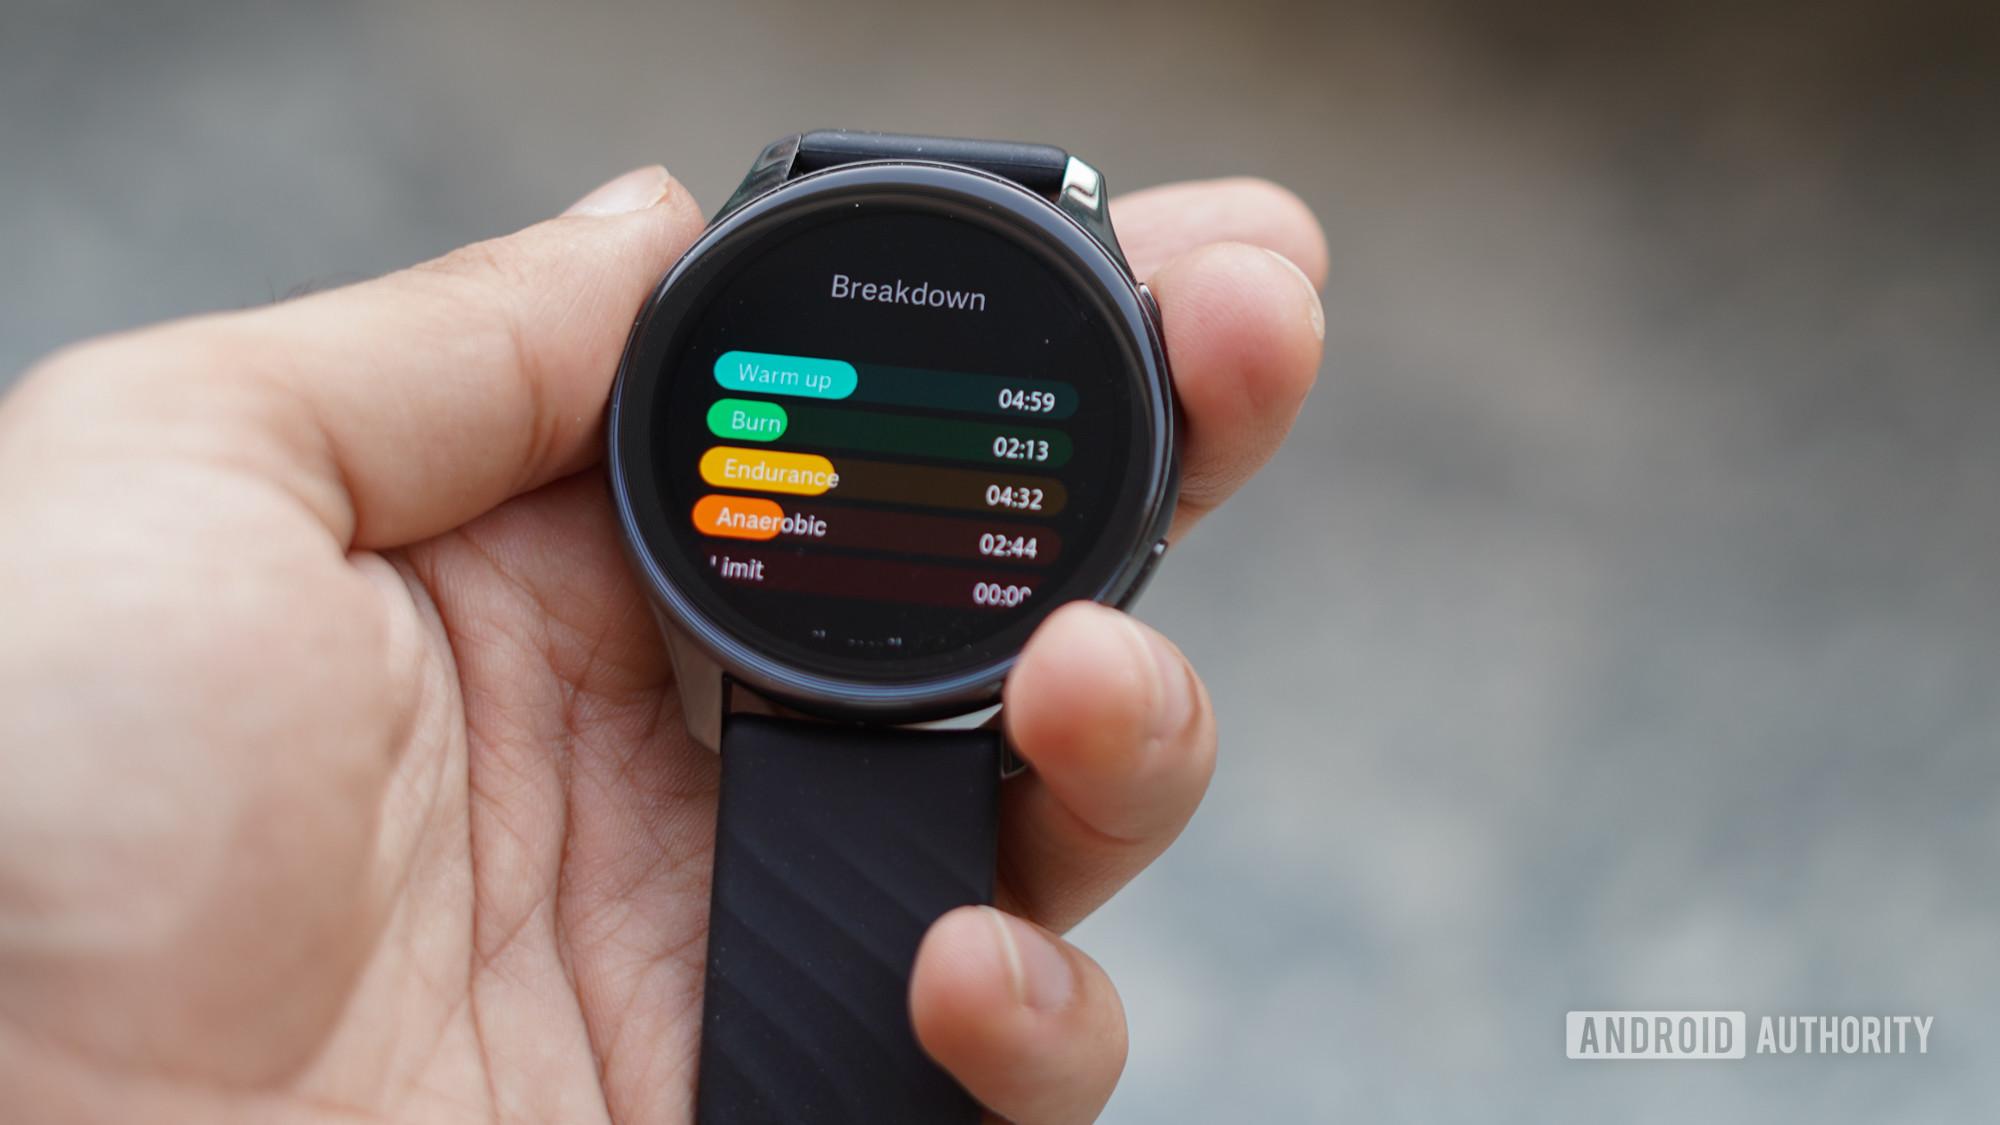 OnePlus Watch workout breakdown